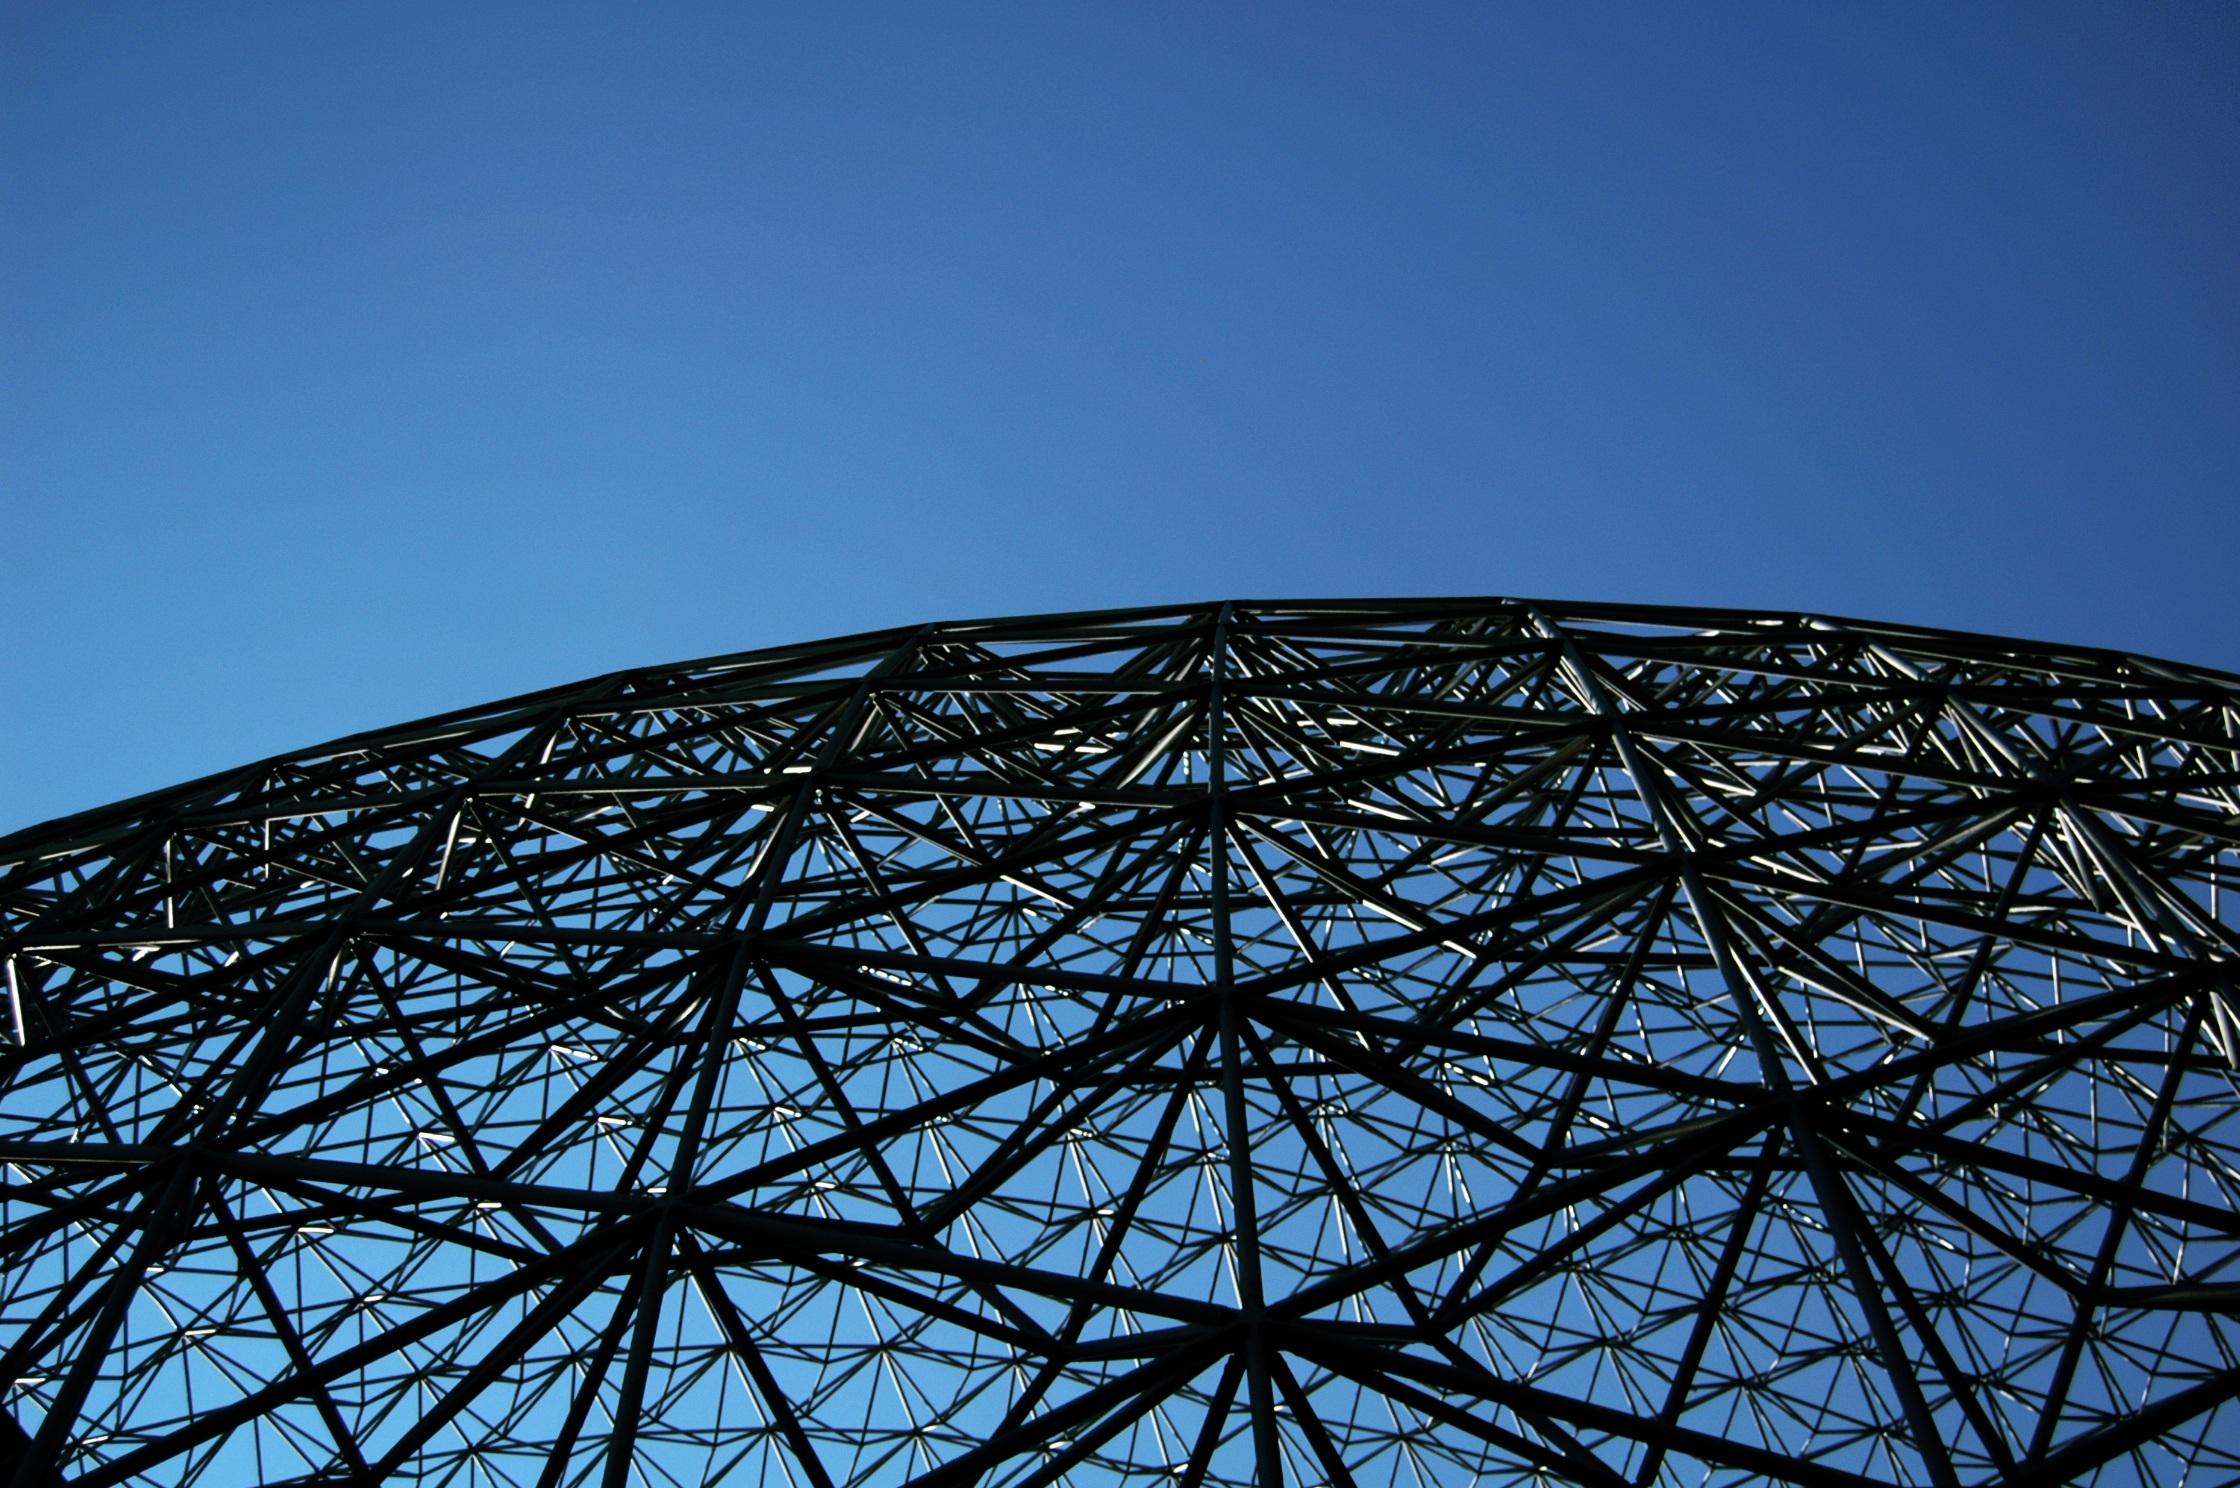 Stehlen Modern kostenlose foto die architektur struktur himmel gebäude